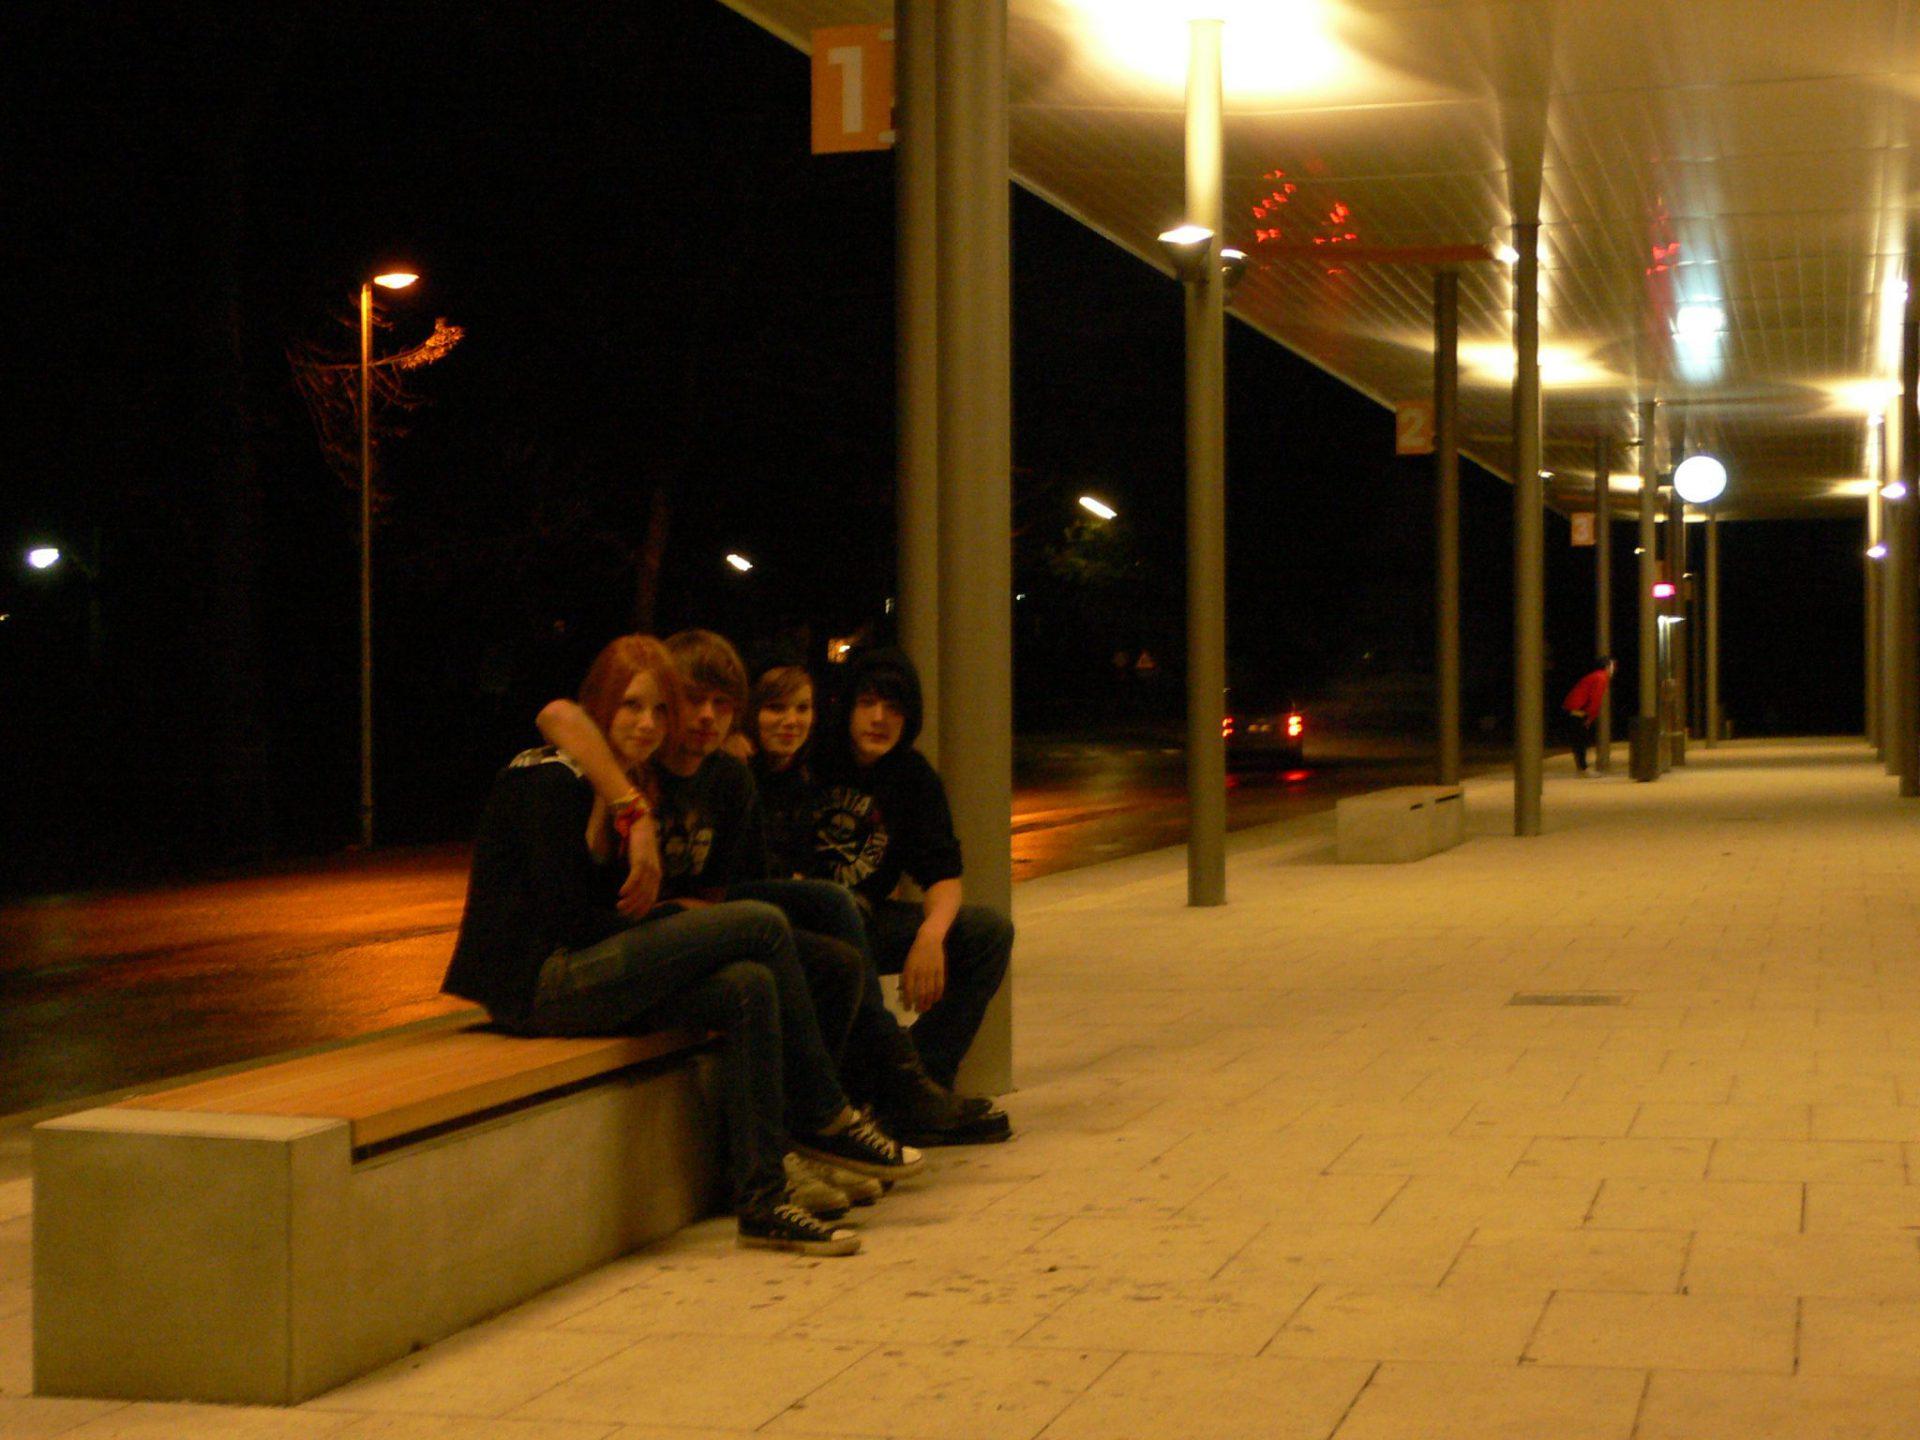 Busbahnhof Schrobenhausen